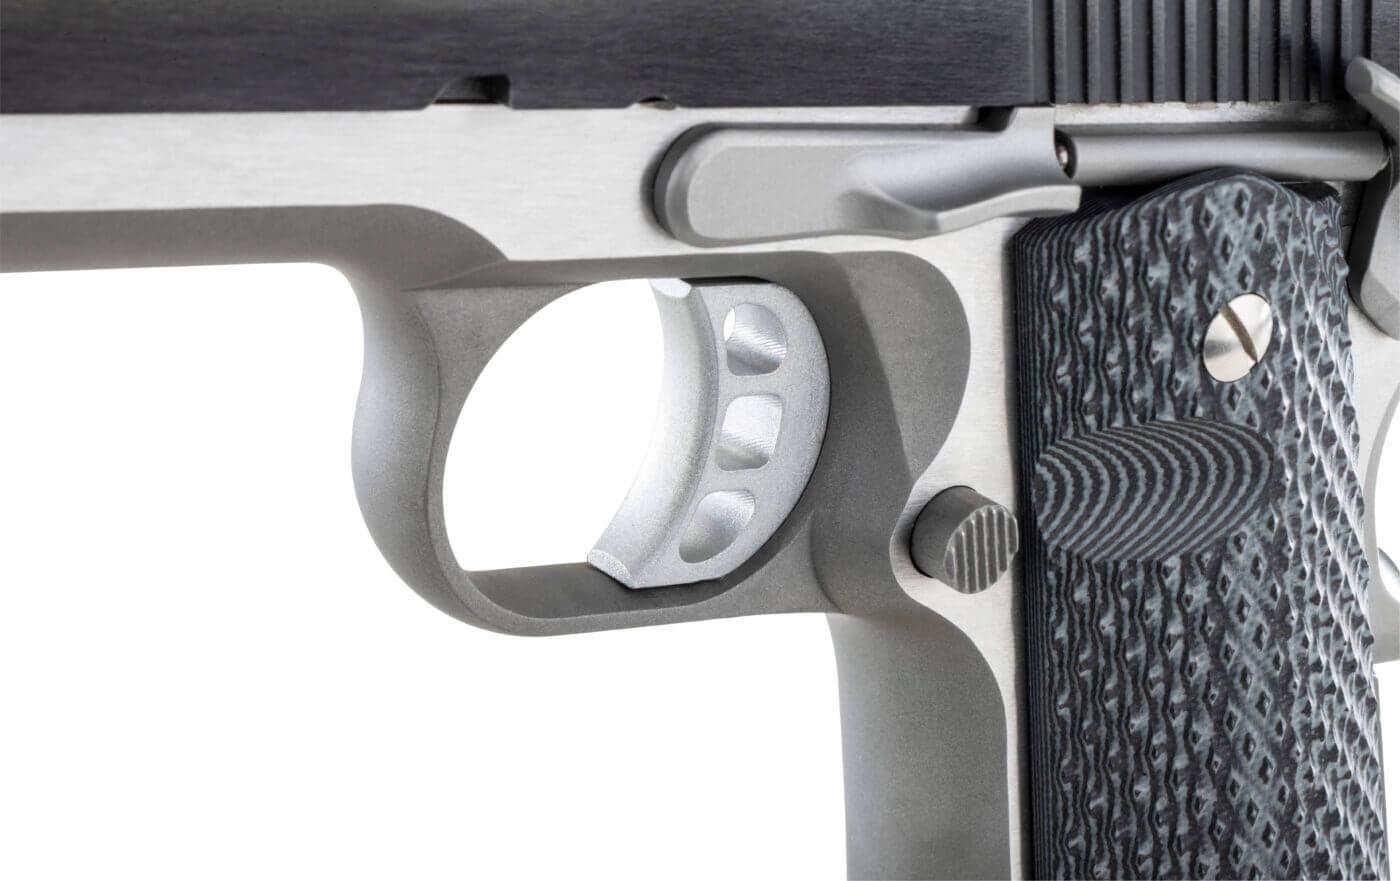 """Harris Custom """"Tri-Cav"""" trigger in the Ronin 1911 pistol"""